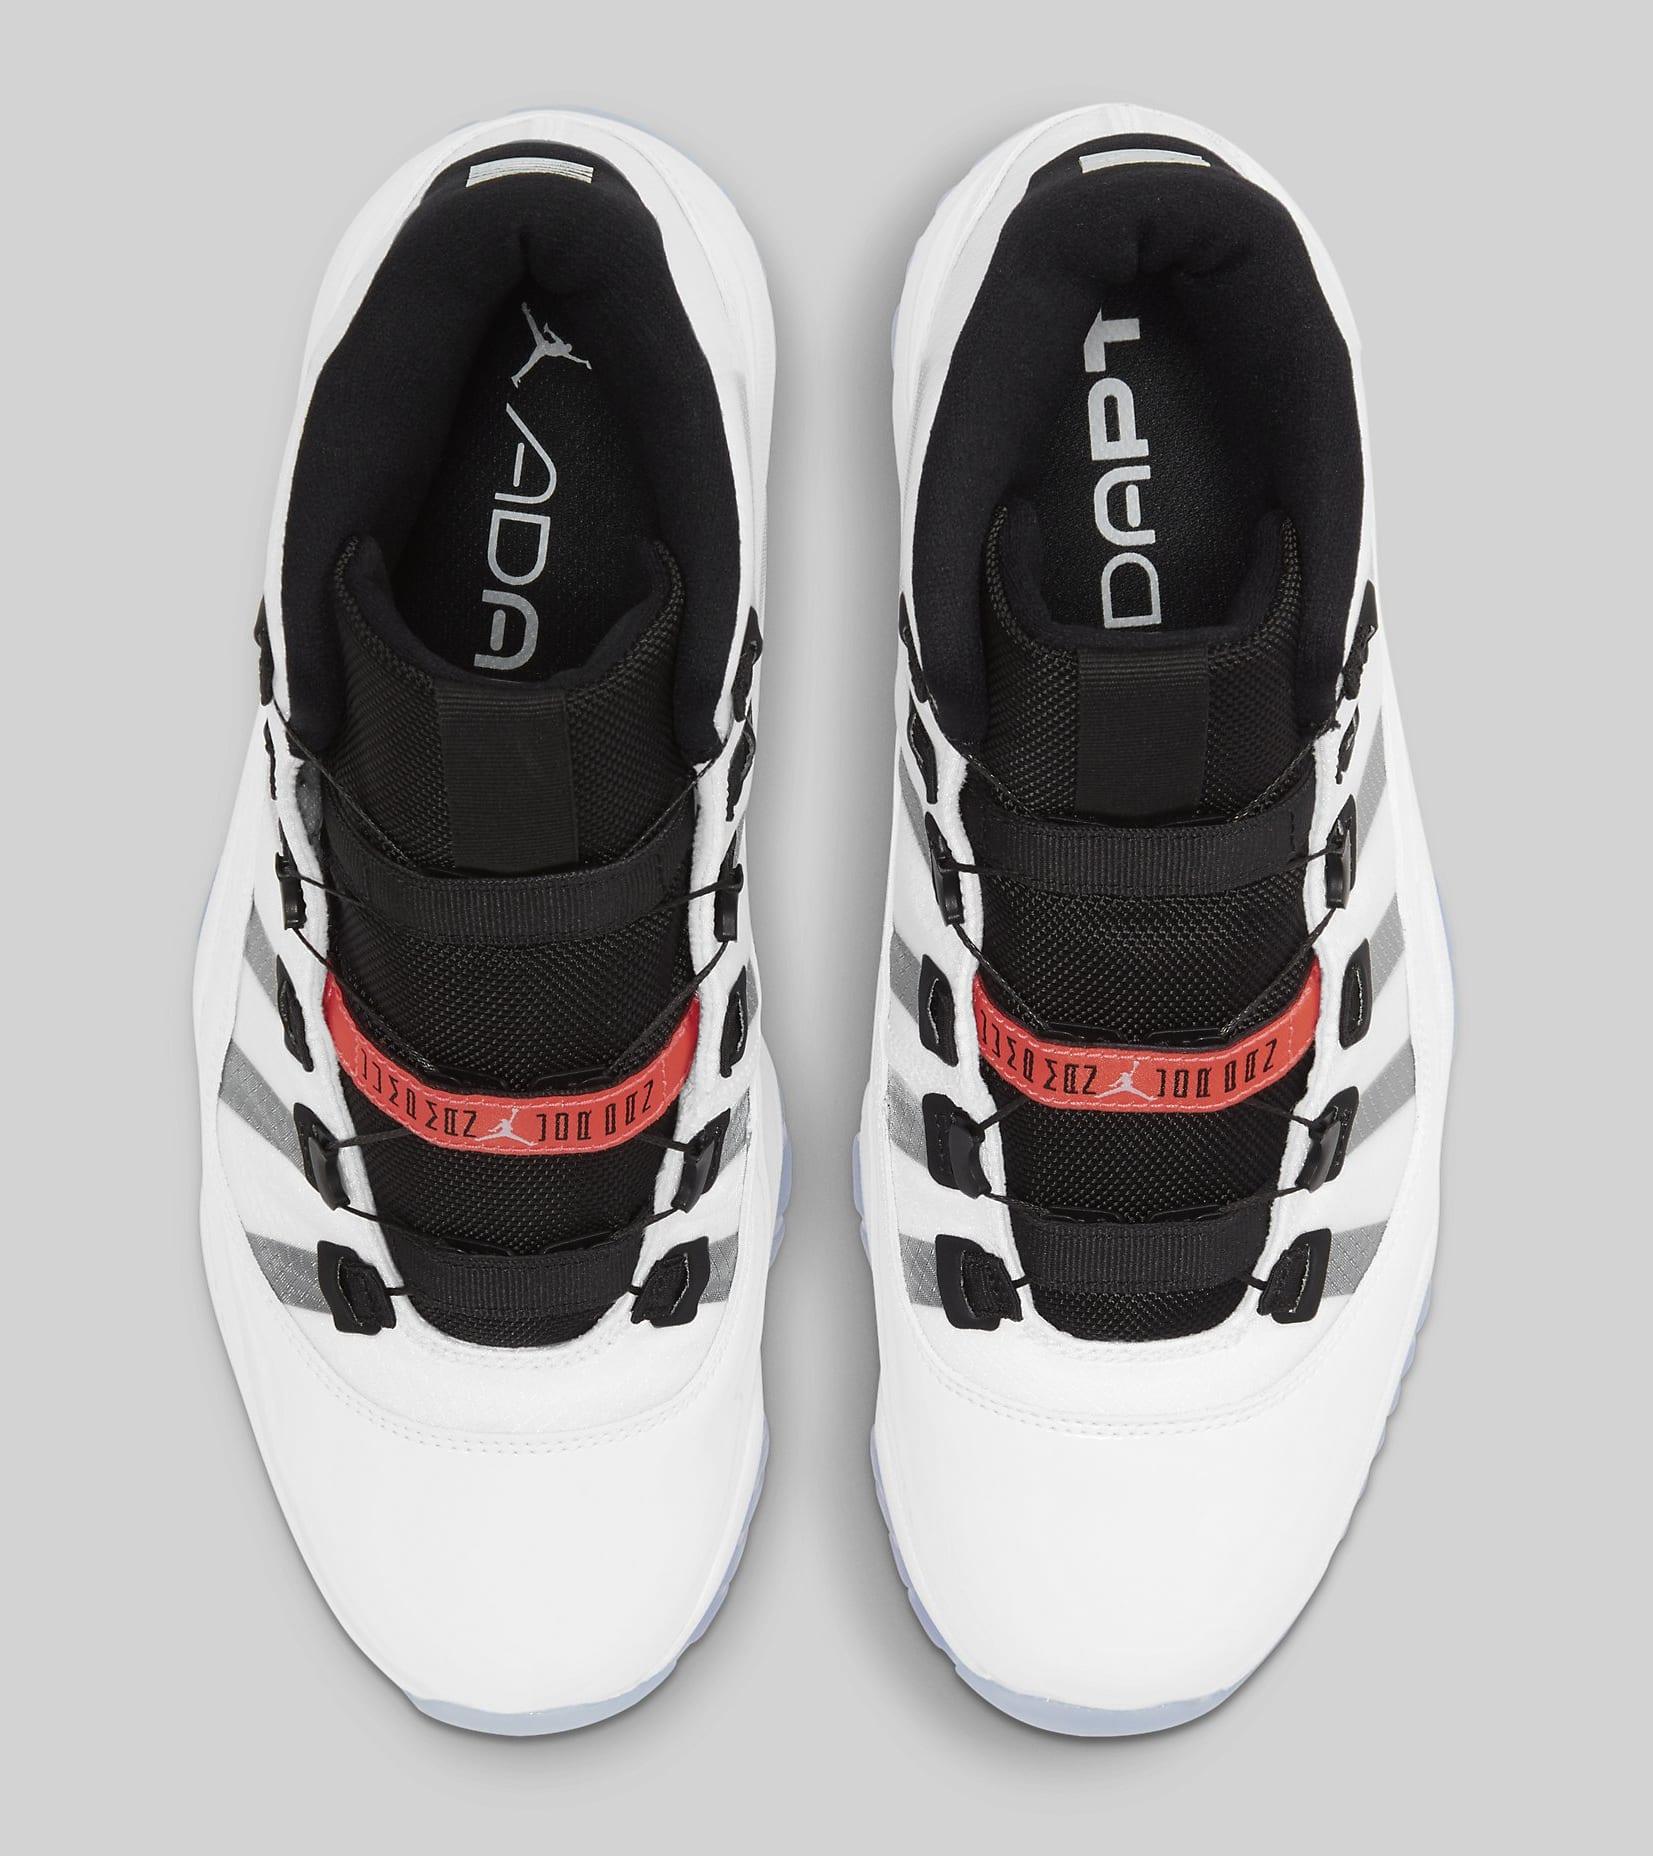 Air Jordan XI 11 Adapt DA7990-100 Top